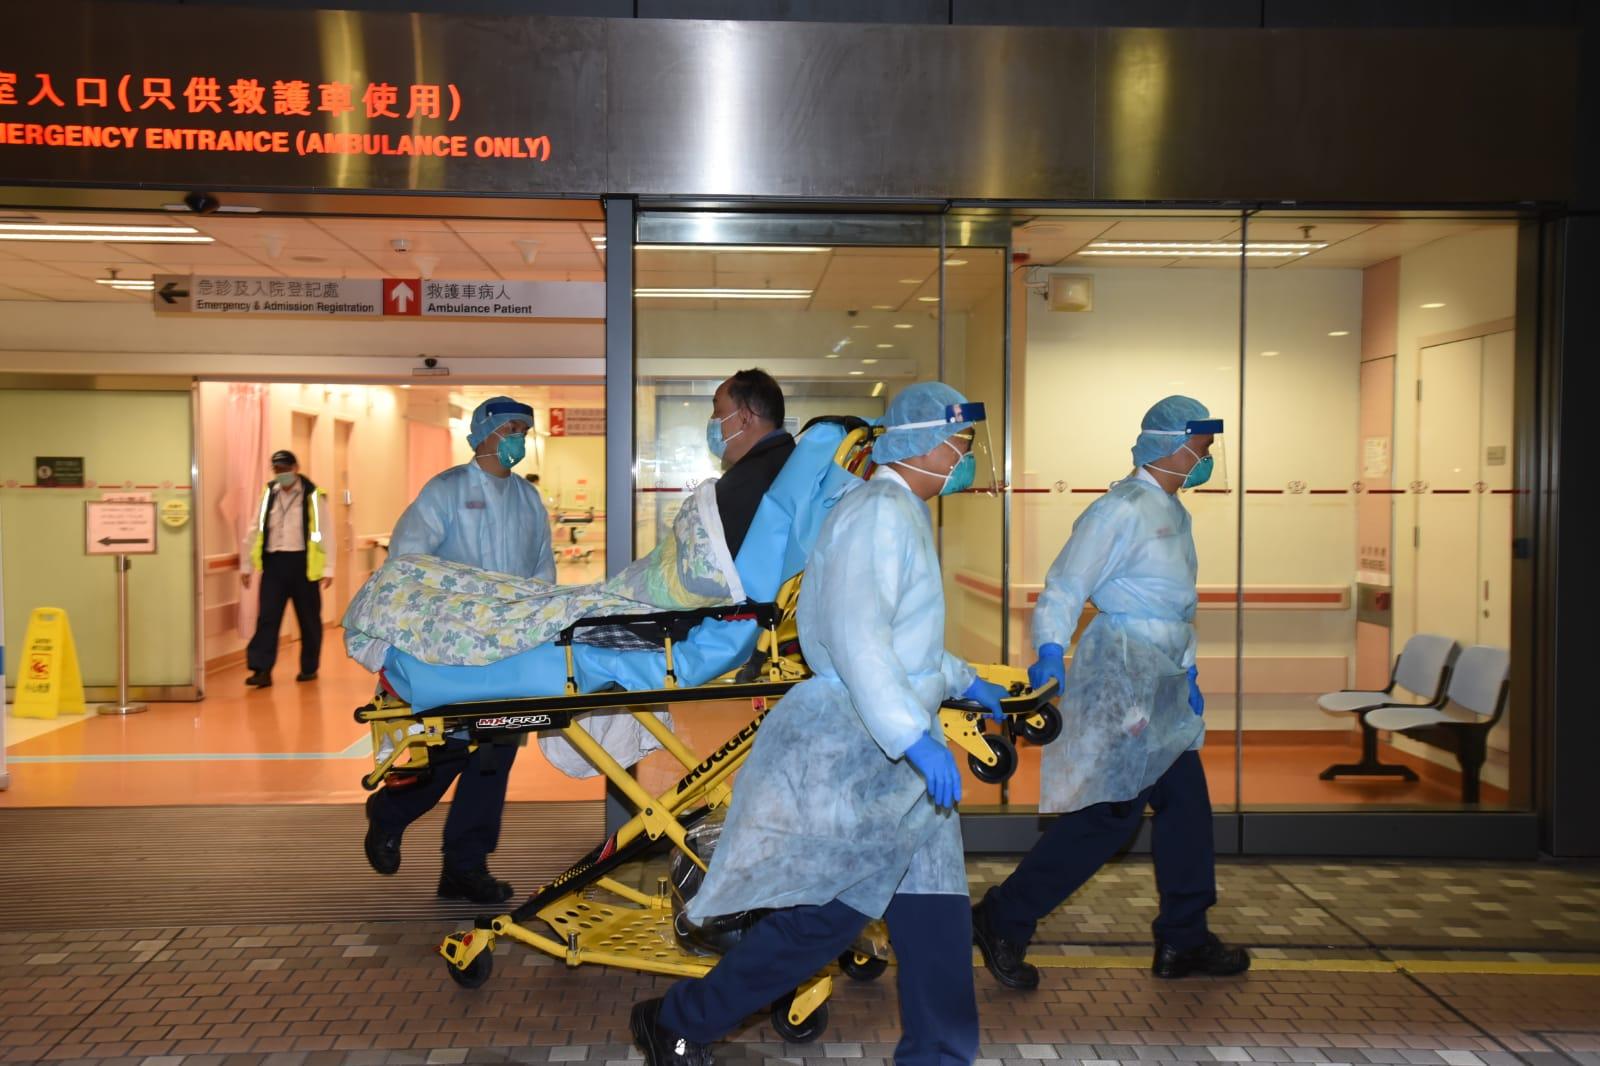 【新冠肺炎】56岁港人疑成第二宗确诊个案 转送玛嘉烈医院隔离